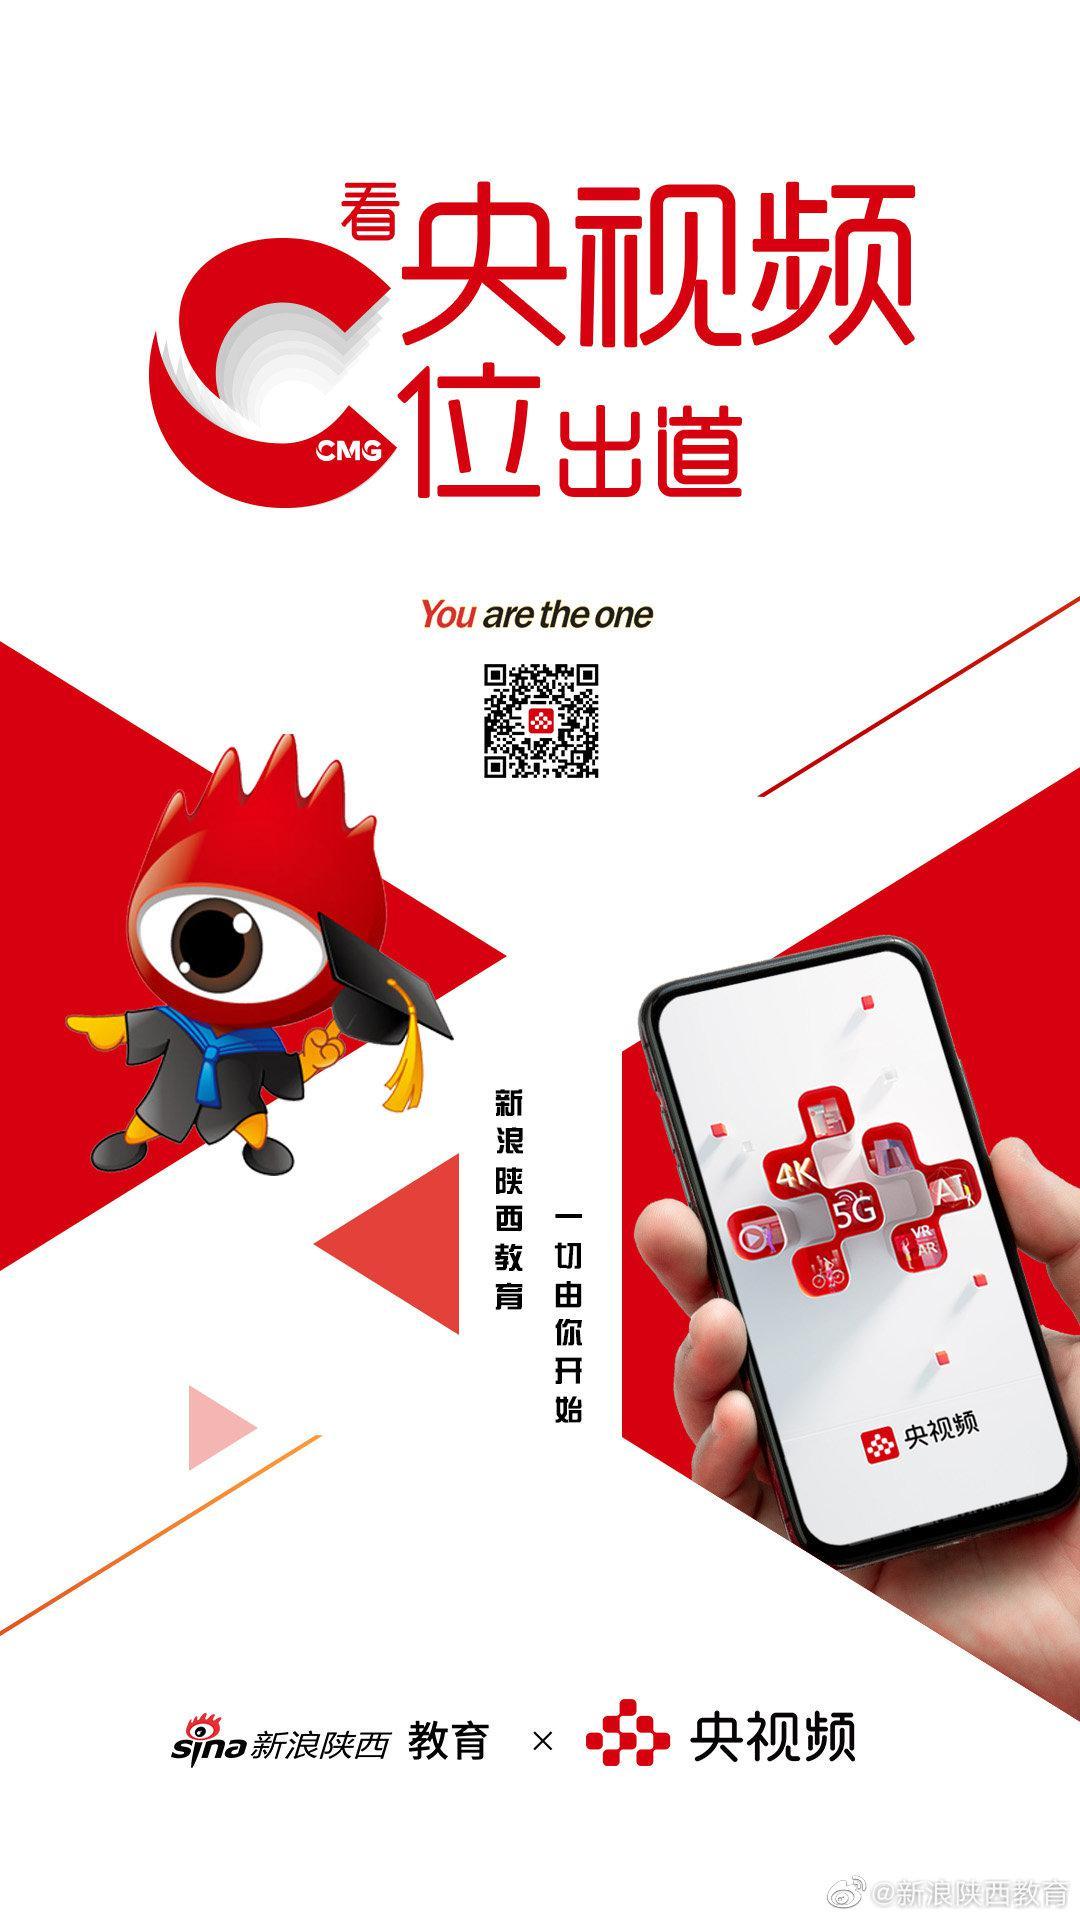 新浪陕西教育频道入驻@央视频 ,新浪陕西教育,一切由你开始!